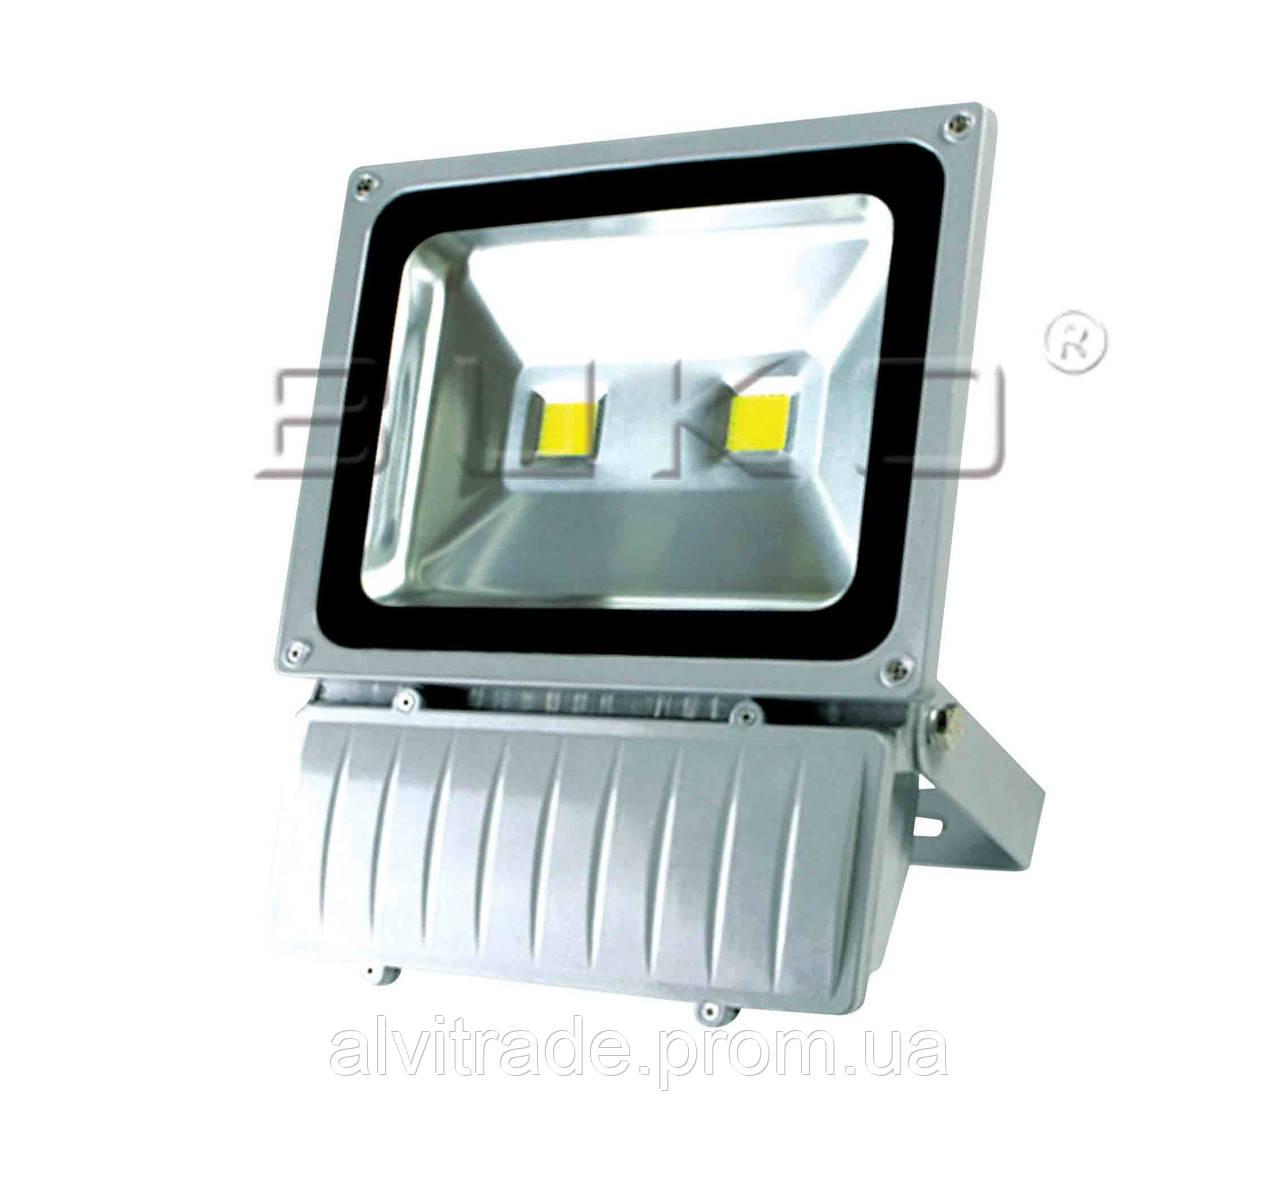 Светодиодный прожектор  WATC WT380, 100W